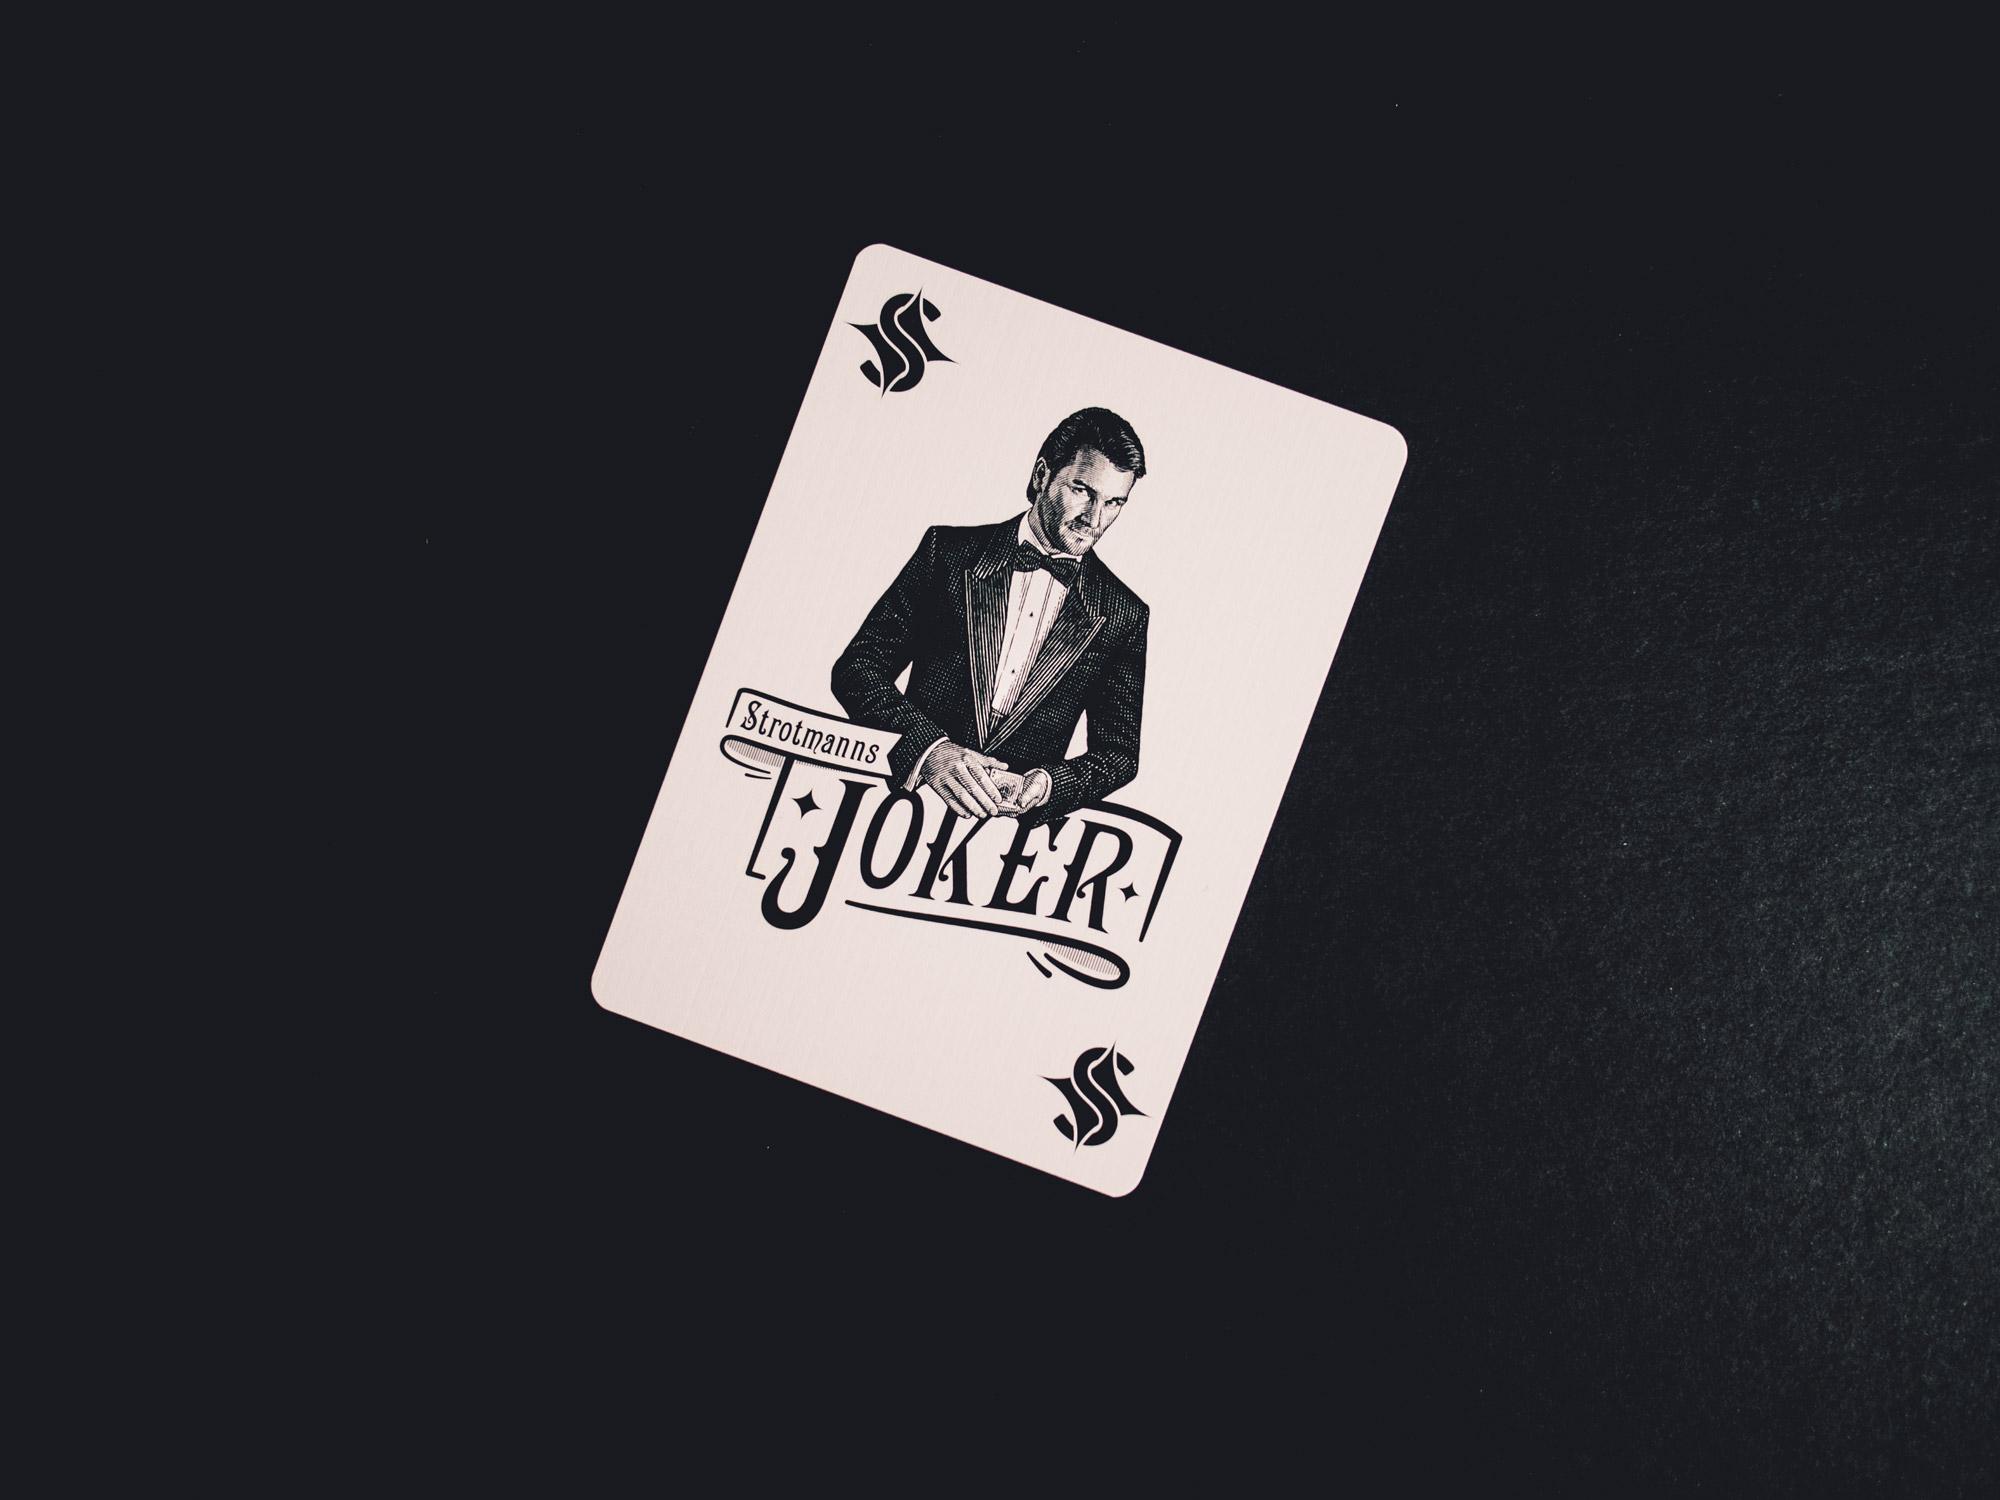 Man sieht den Joker aus dem Spielkarten-Set der Strotmanns Magic Lounge. Das Design ist gestalterisch an klassische amerikanische Poker-Playingcards angelehnt und von MAJORMAJOR aus Stuttgart.